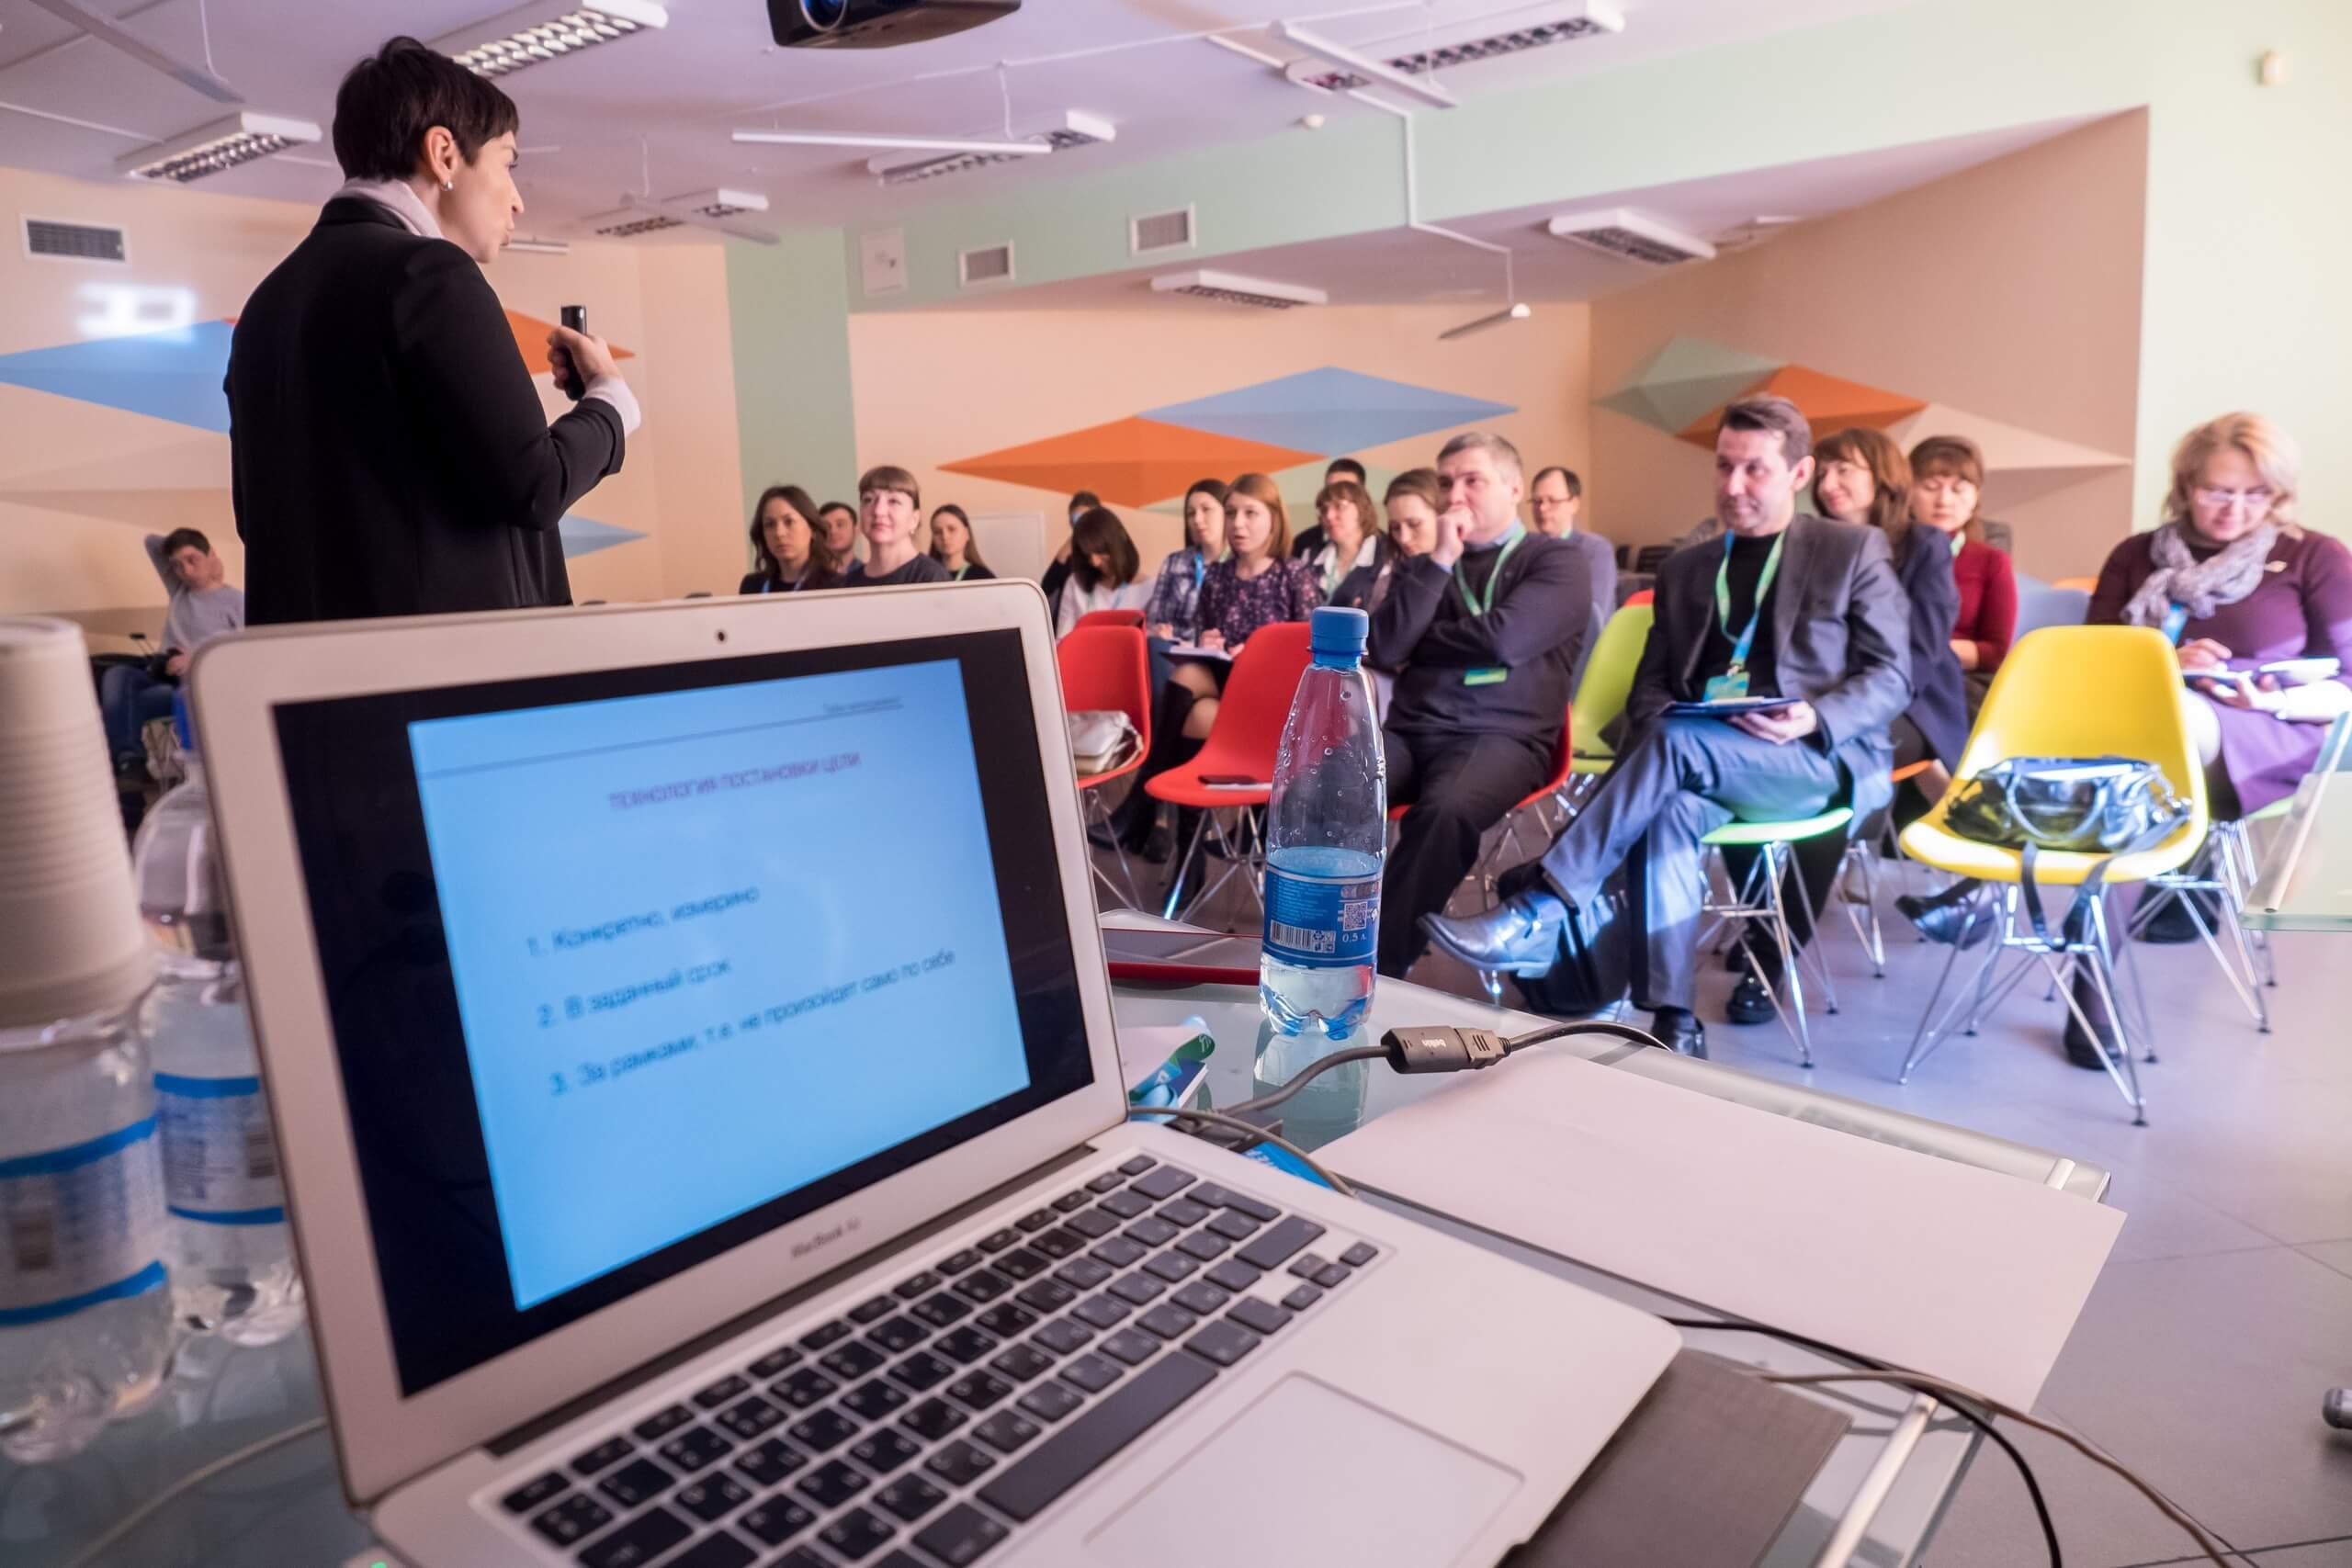 Всероссийский конкурс среди лучших работников молодежной сферы